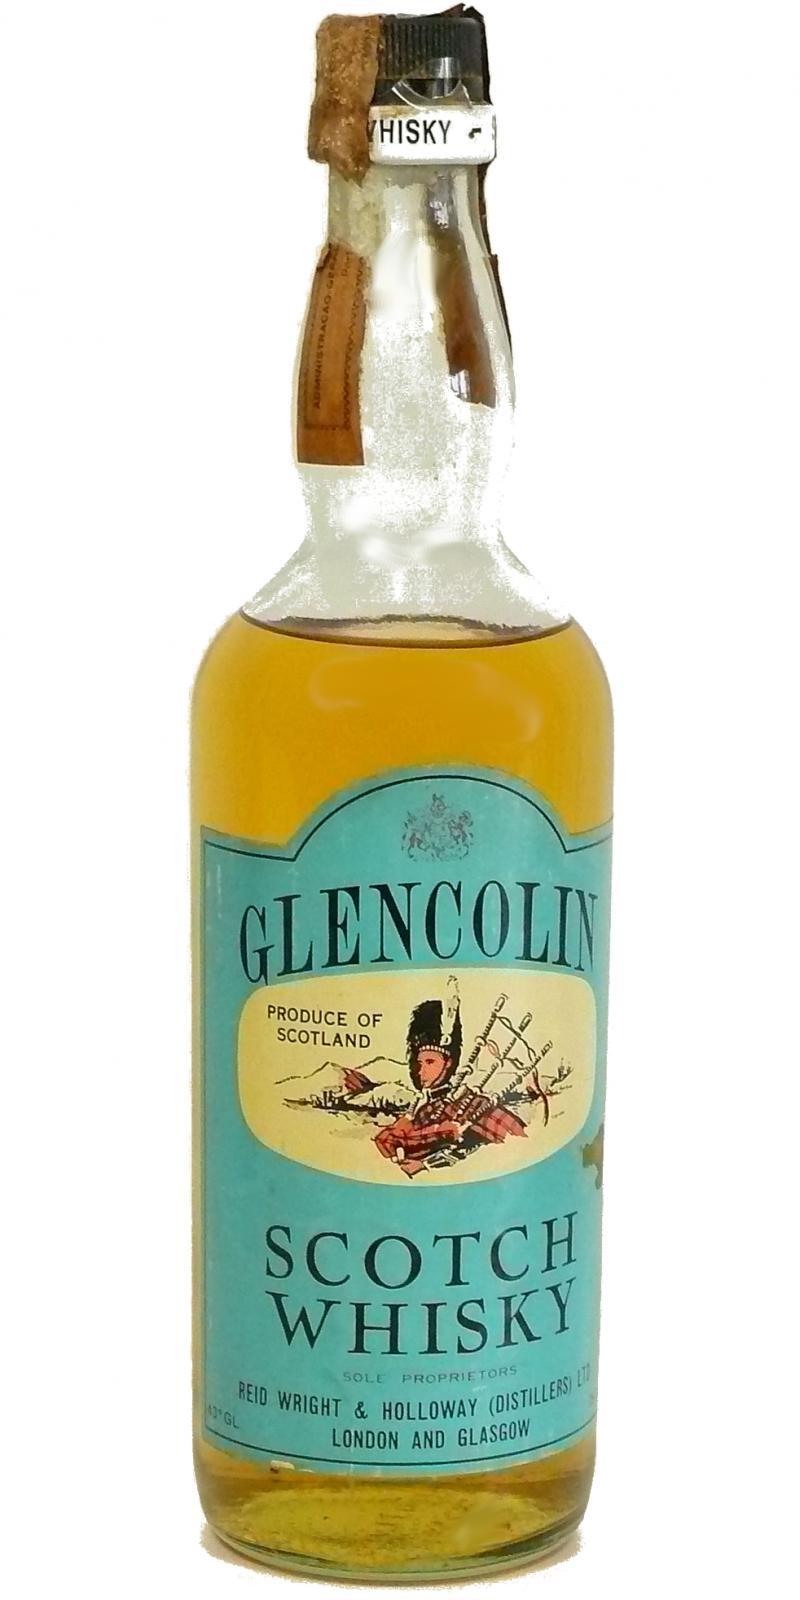 Glencolin Scotch Whisky